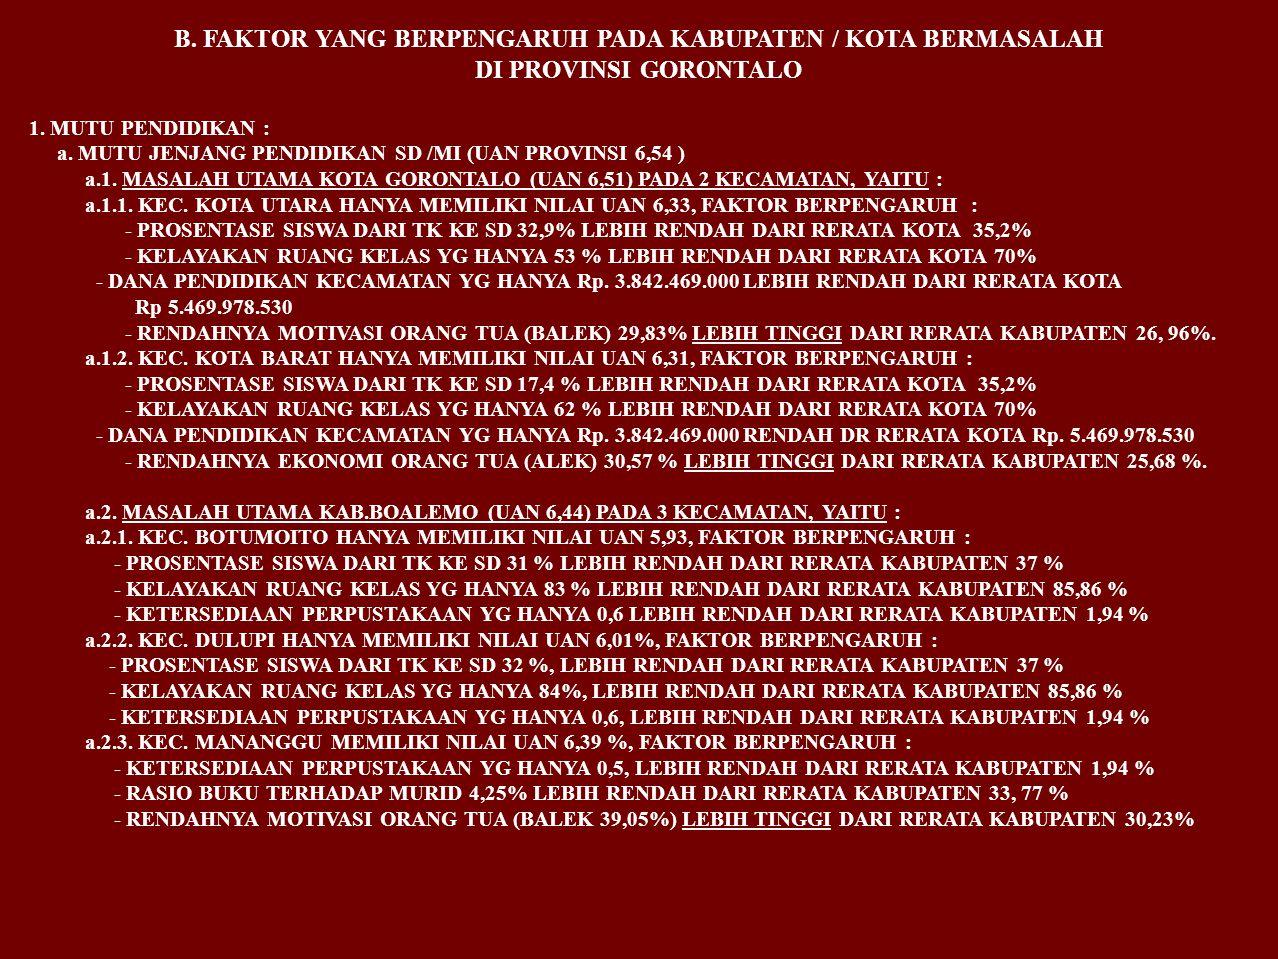 B. FAKTOR YANG BERPENGARUH PADA KABUPATEN / KOTA BERMASALAH DI PROVINSI GORONTALO 1. MUTU PENDIDIKAN : a. MUTU JENJANG PENDIDIKAN SD /MI (UAN PROVINSI